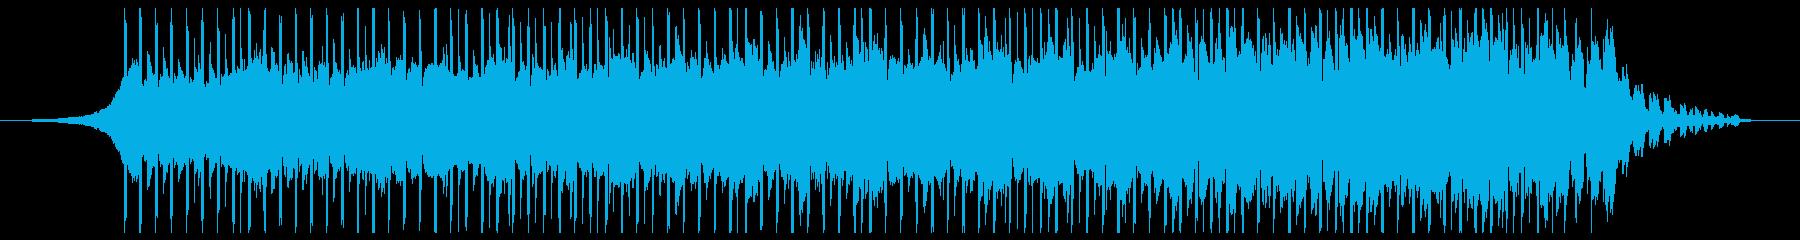 エレガンス(ショート)の再生済みの波形